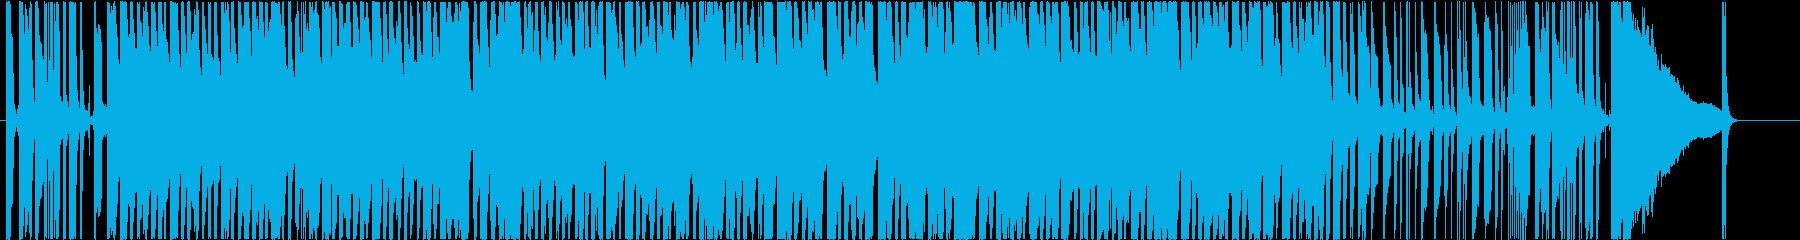 冬っぽいベルの音を使ったスイングなポップの再生済みの波形